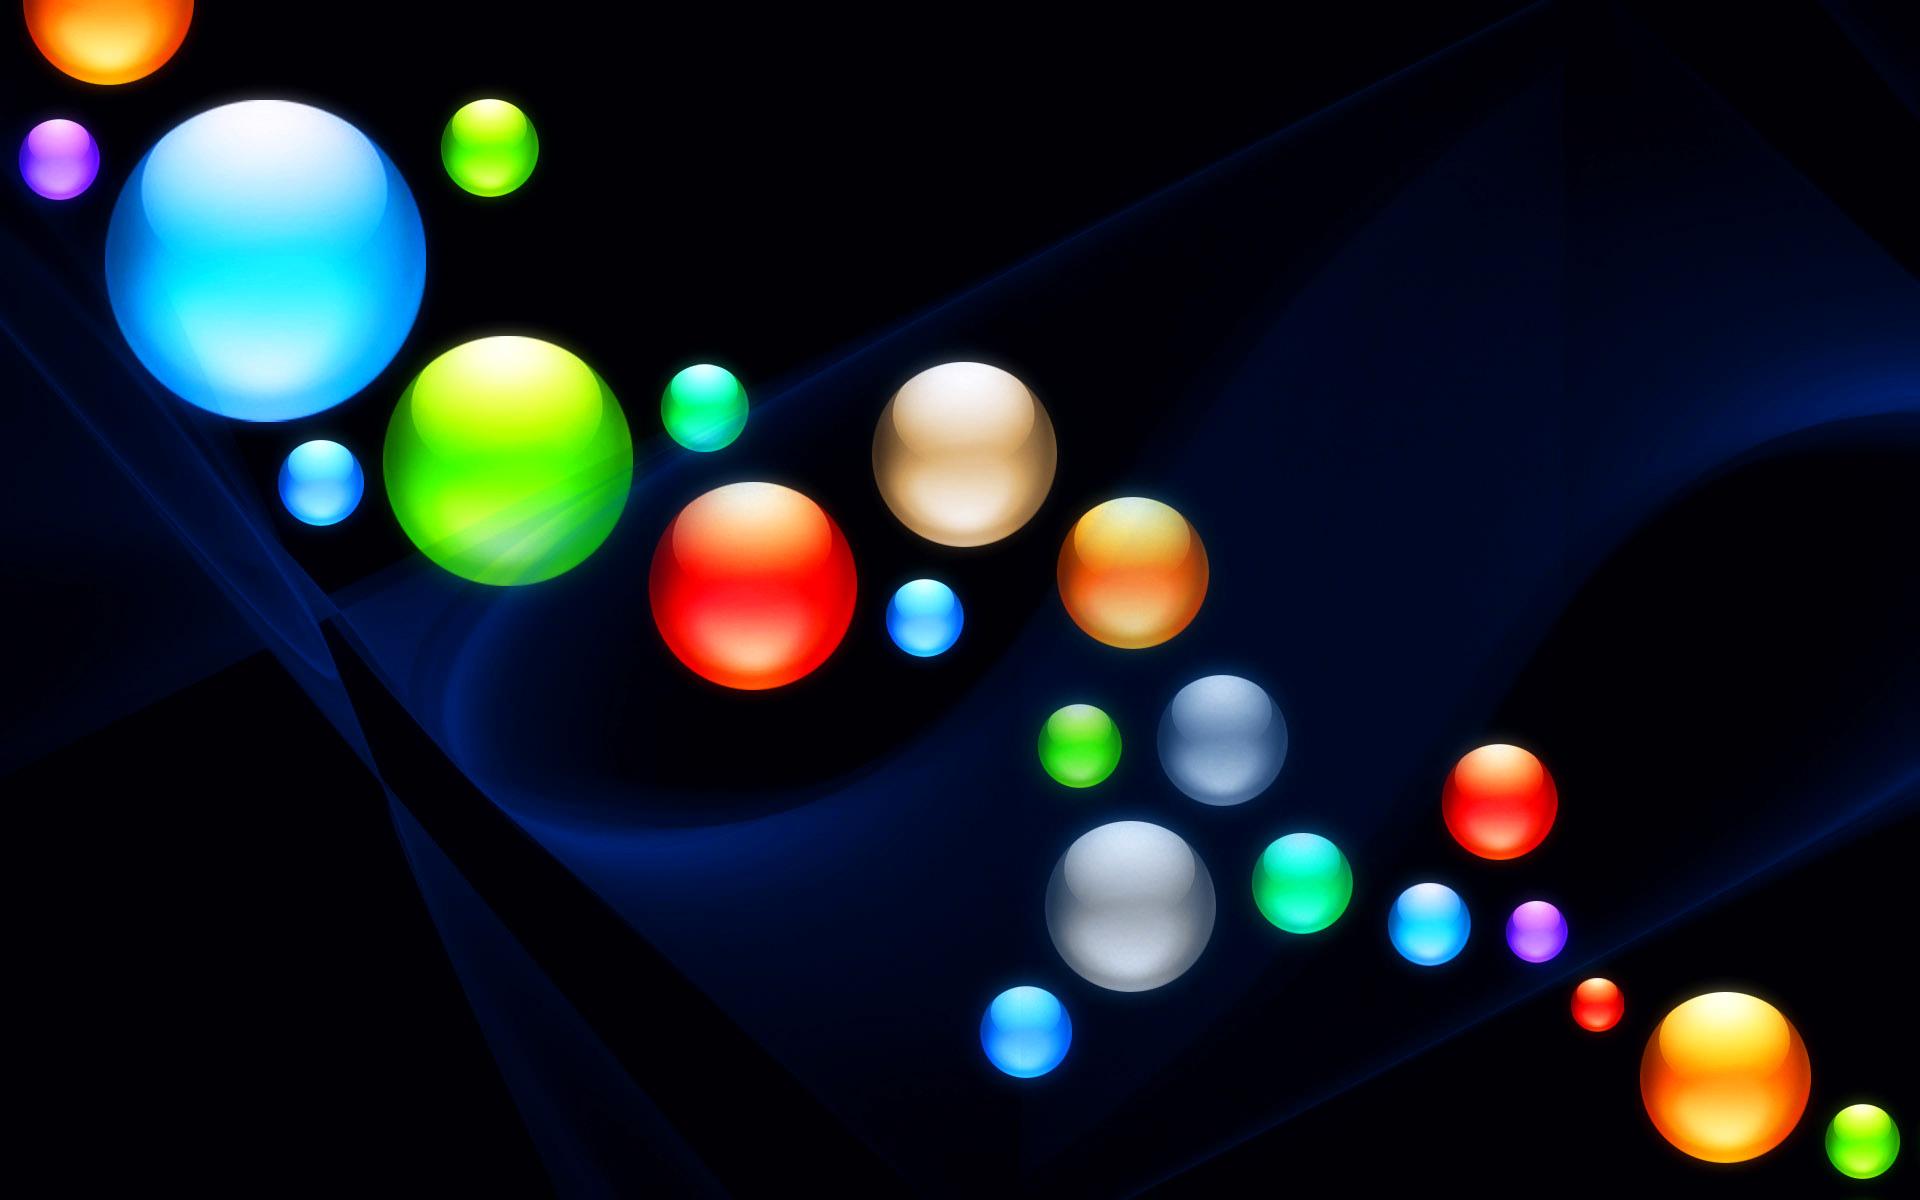 Огни цветные шарики  № 3561020  скачать